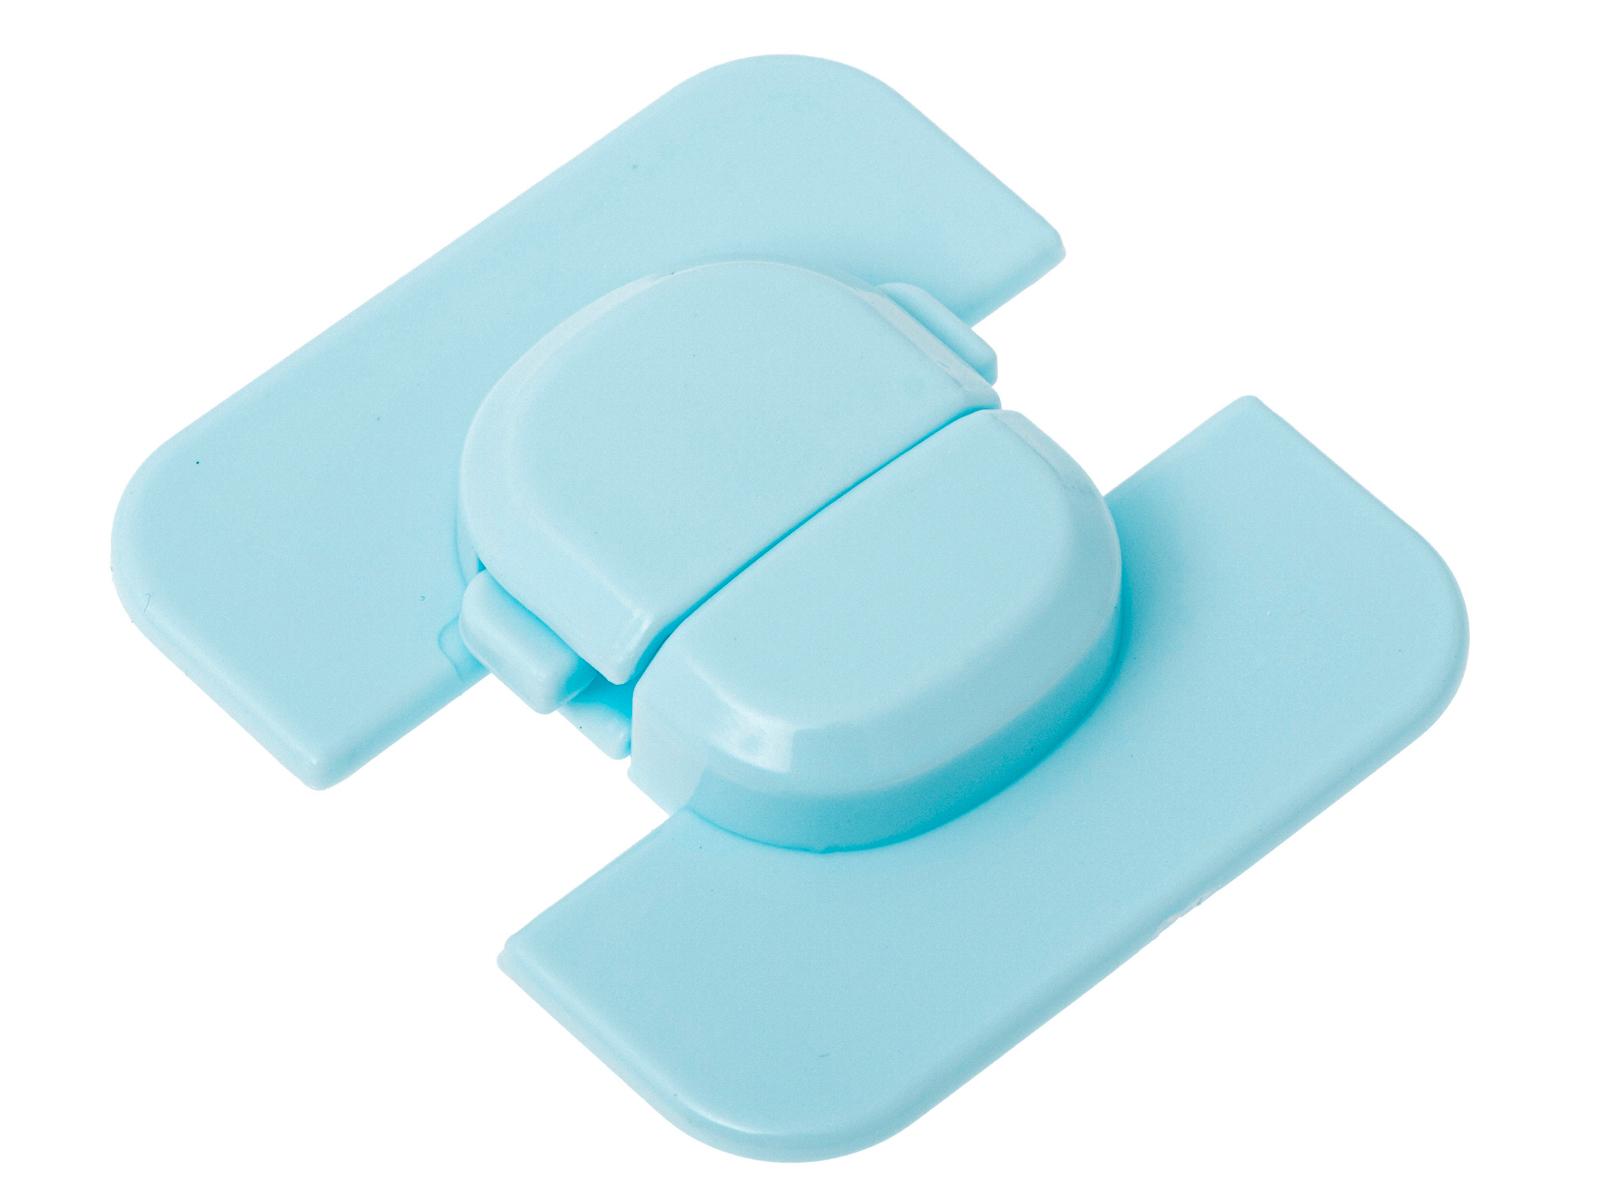 KIK Bezpečnostná zábrana na nábytok 1 ks - modrá, KX6314_3